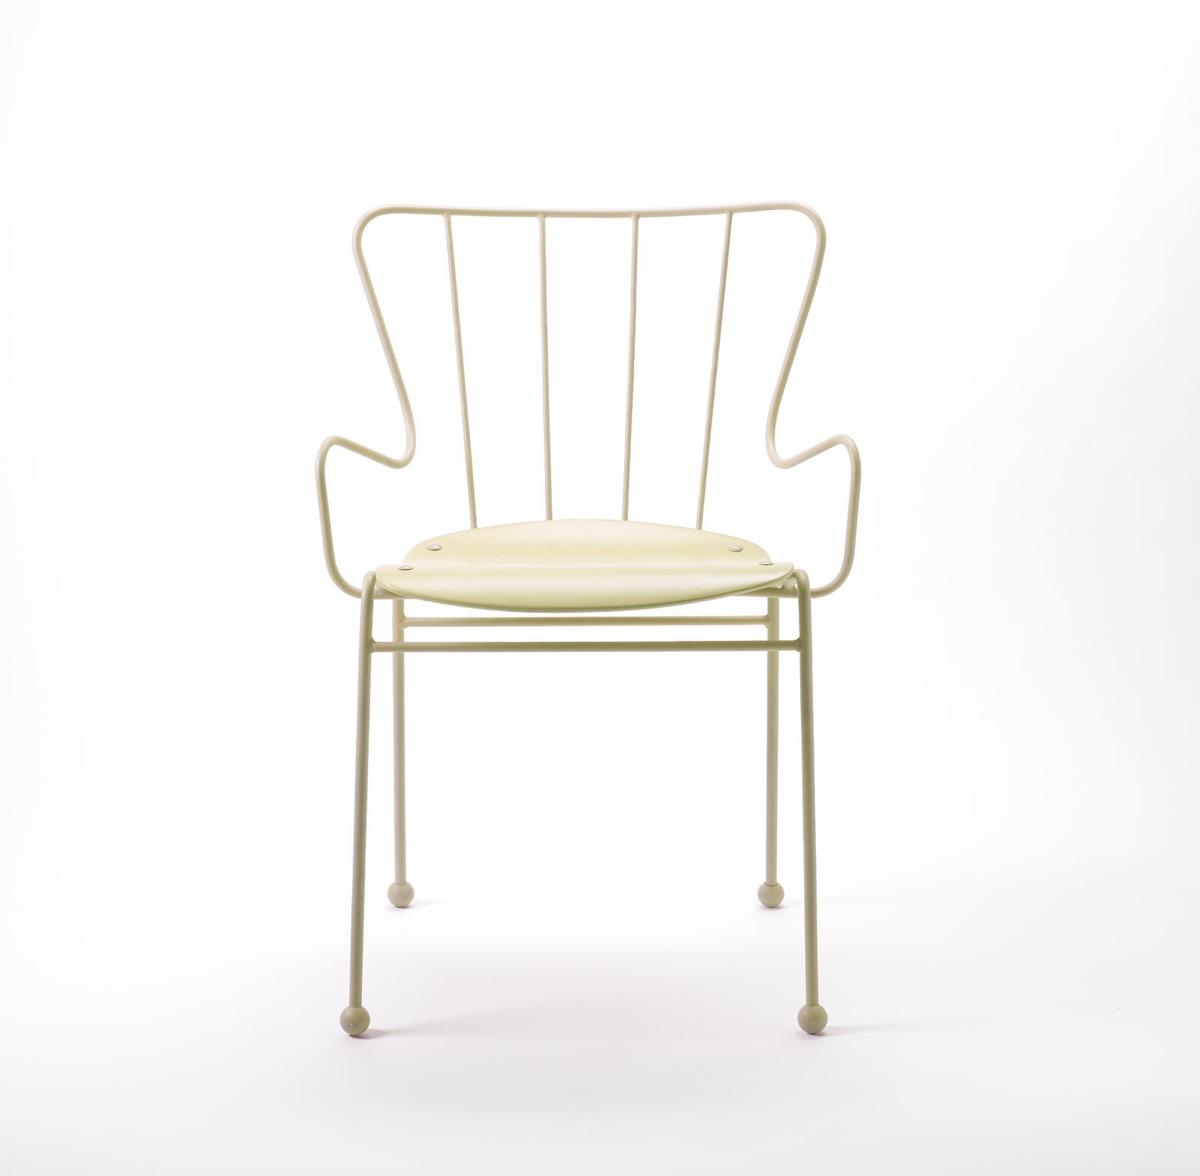 Белый стул 50-х годов с каркасом из стали